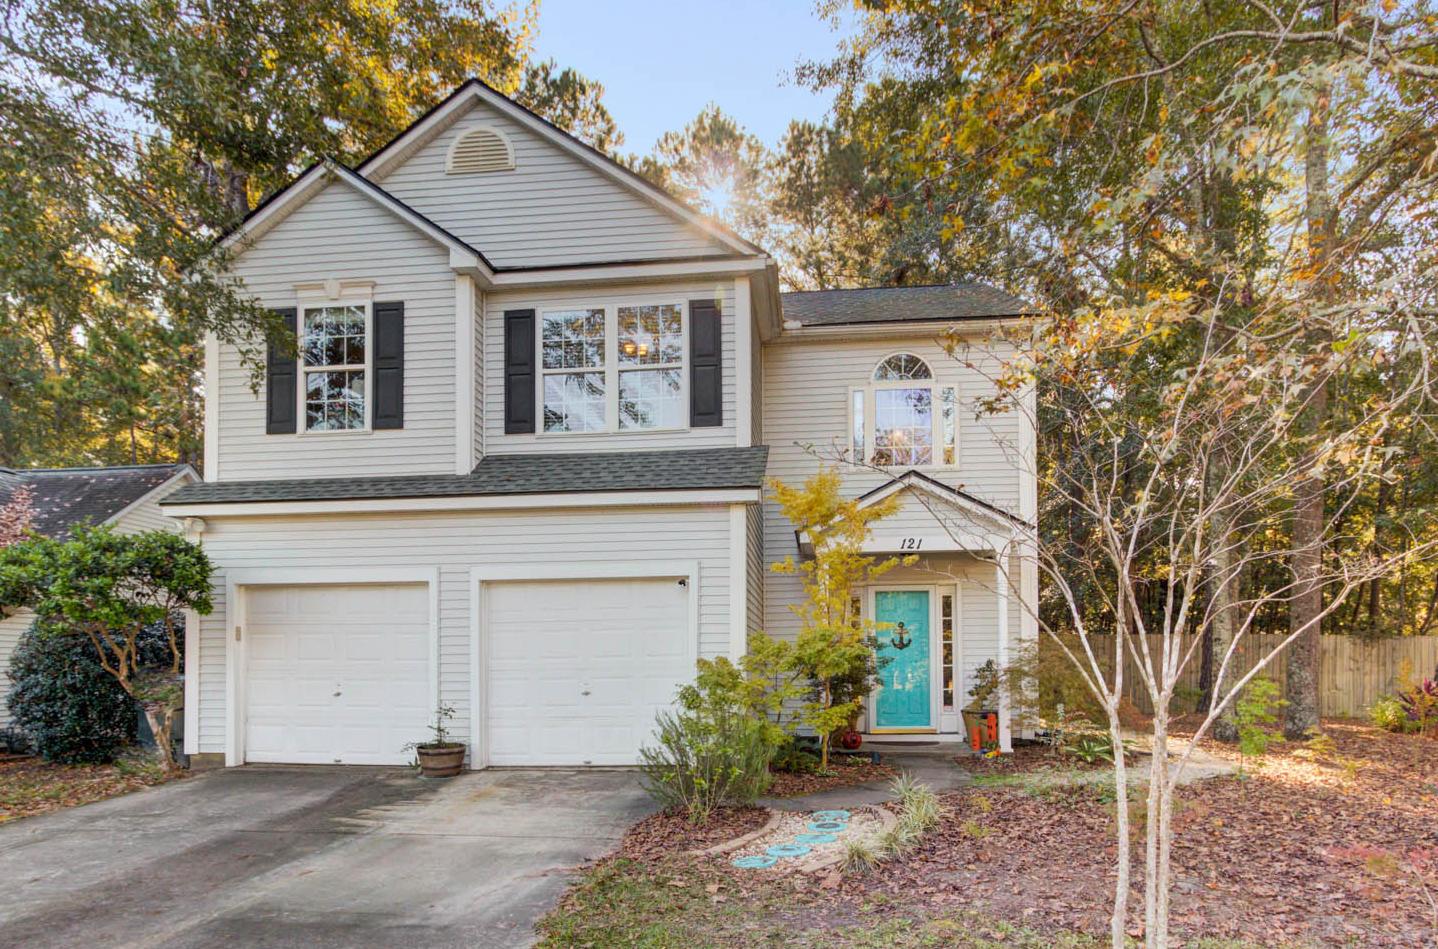 121 Evesham Drive Summerville, SC 29485